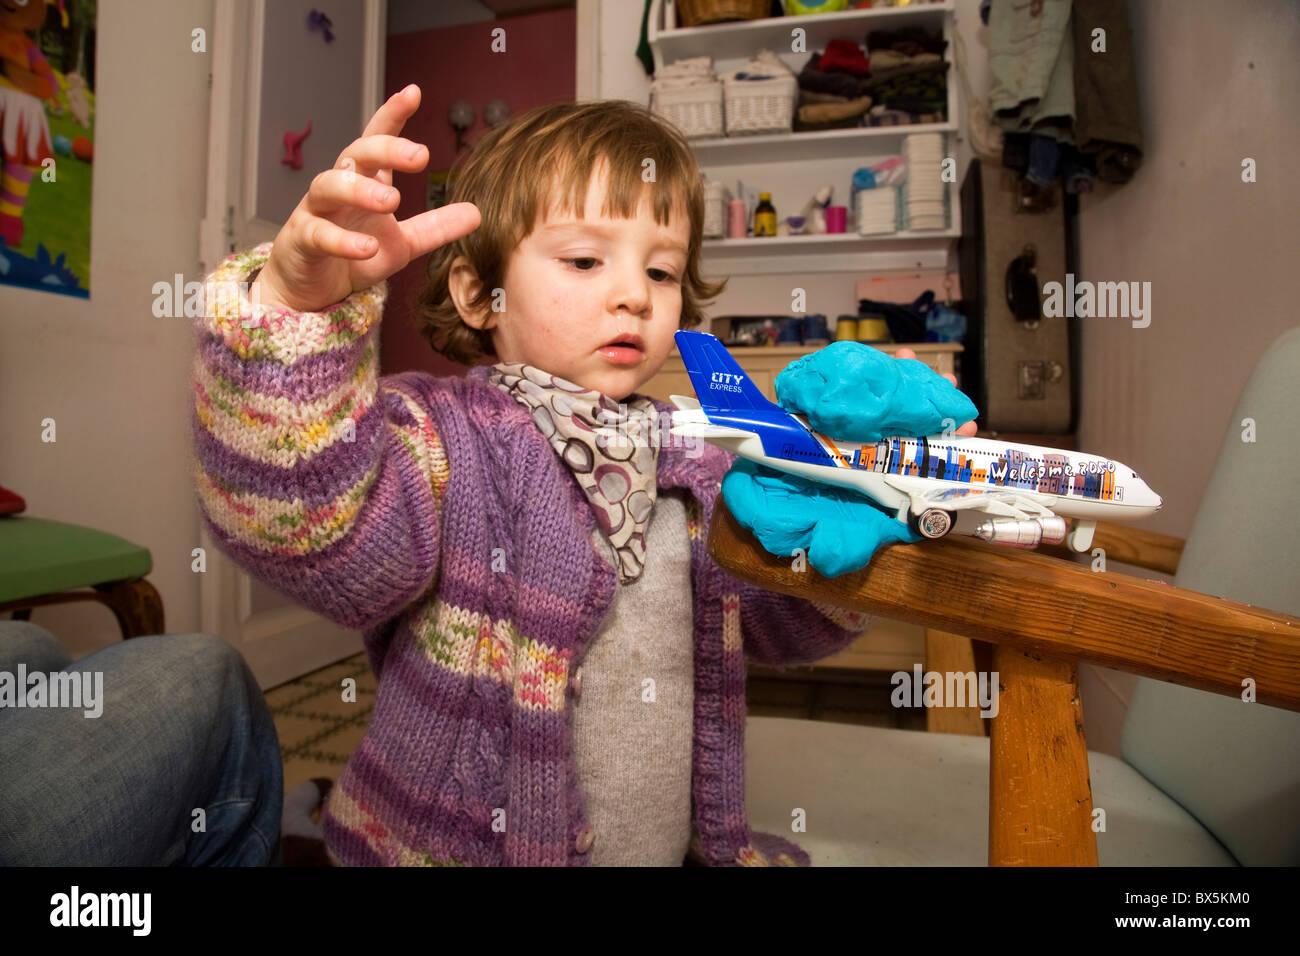 22 Monate junge spielt mit seinem Spielzeugflugzeug in seinem Schlafzimmer Stockbild